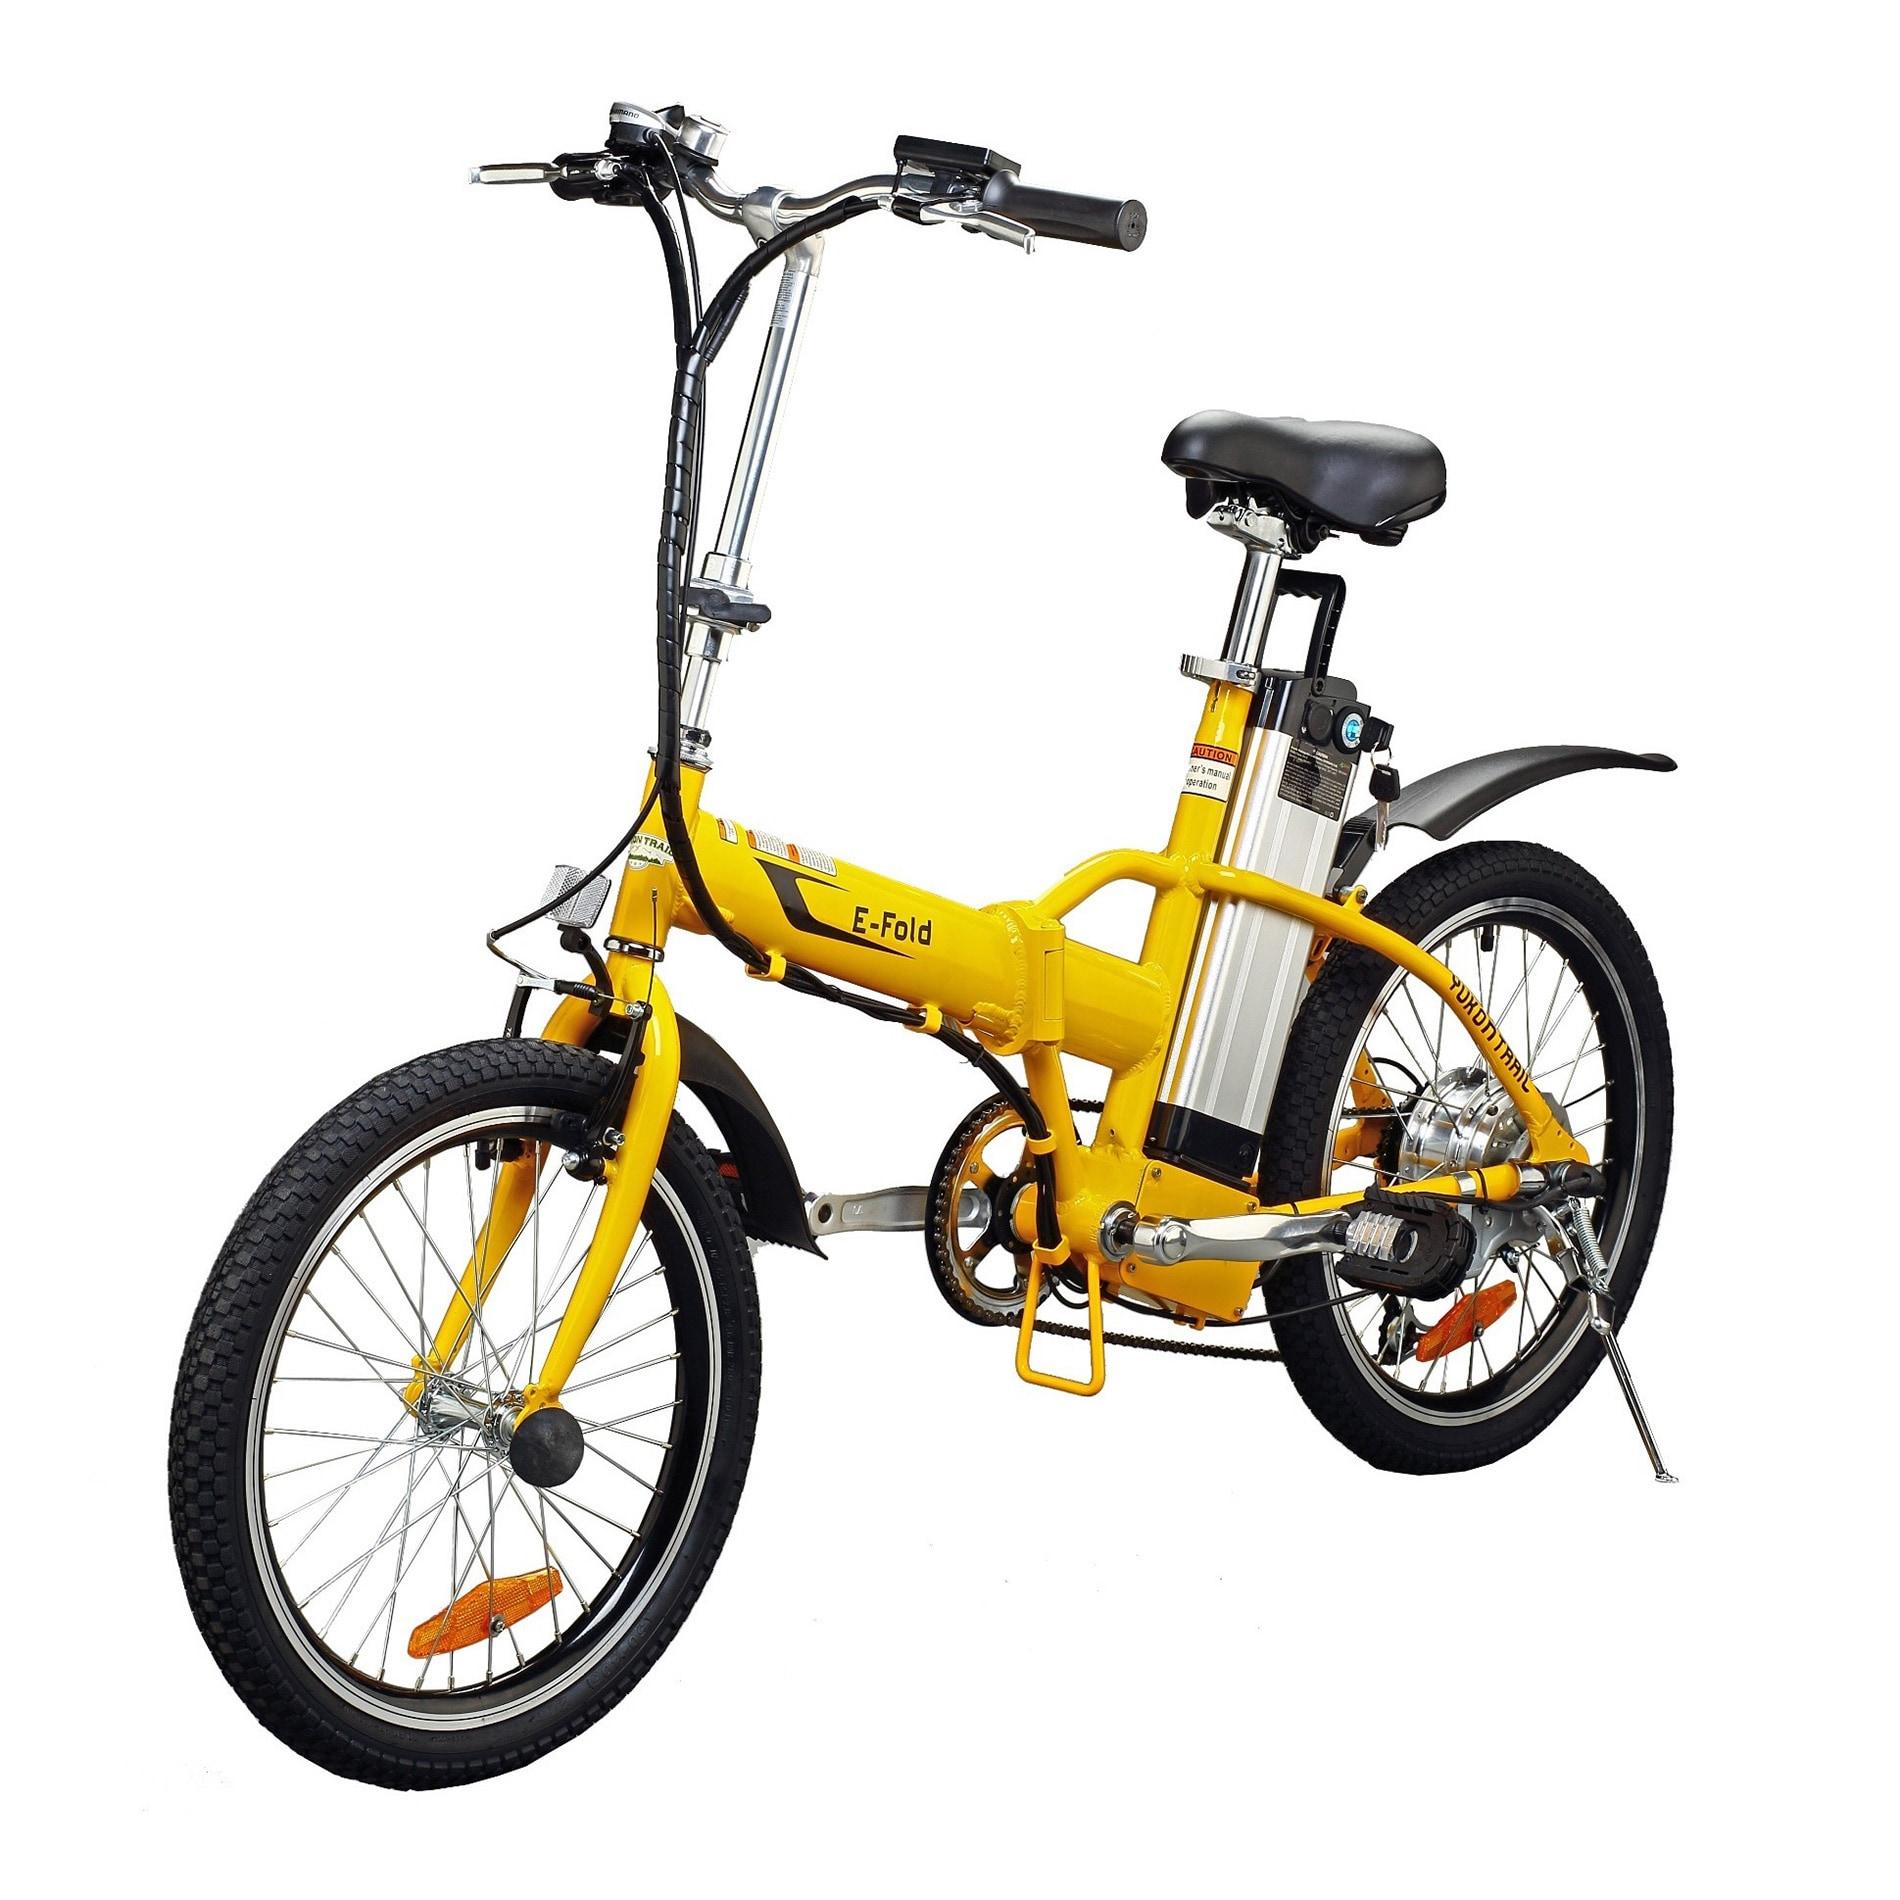 Yukon Trail Folding Electric Bike (Folding Electric Bike)...